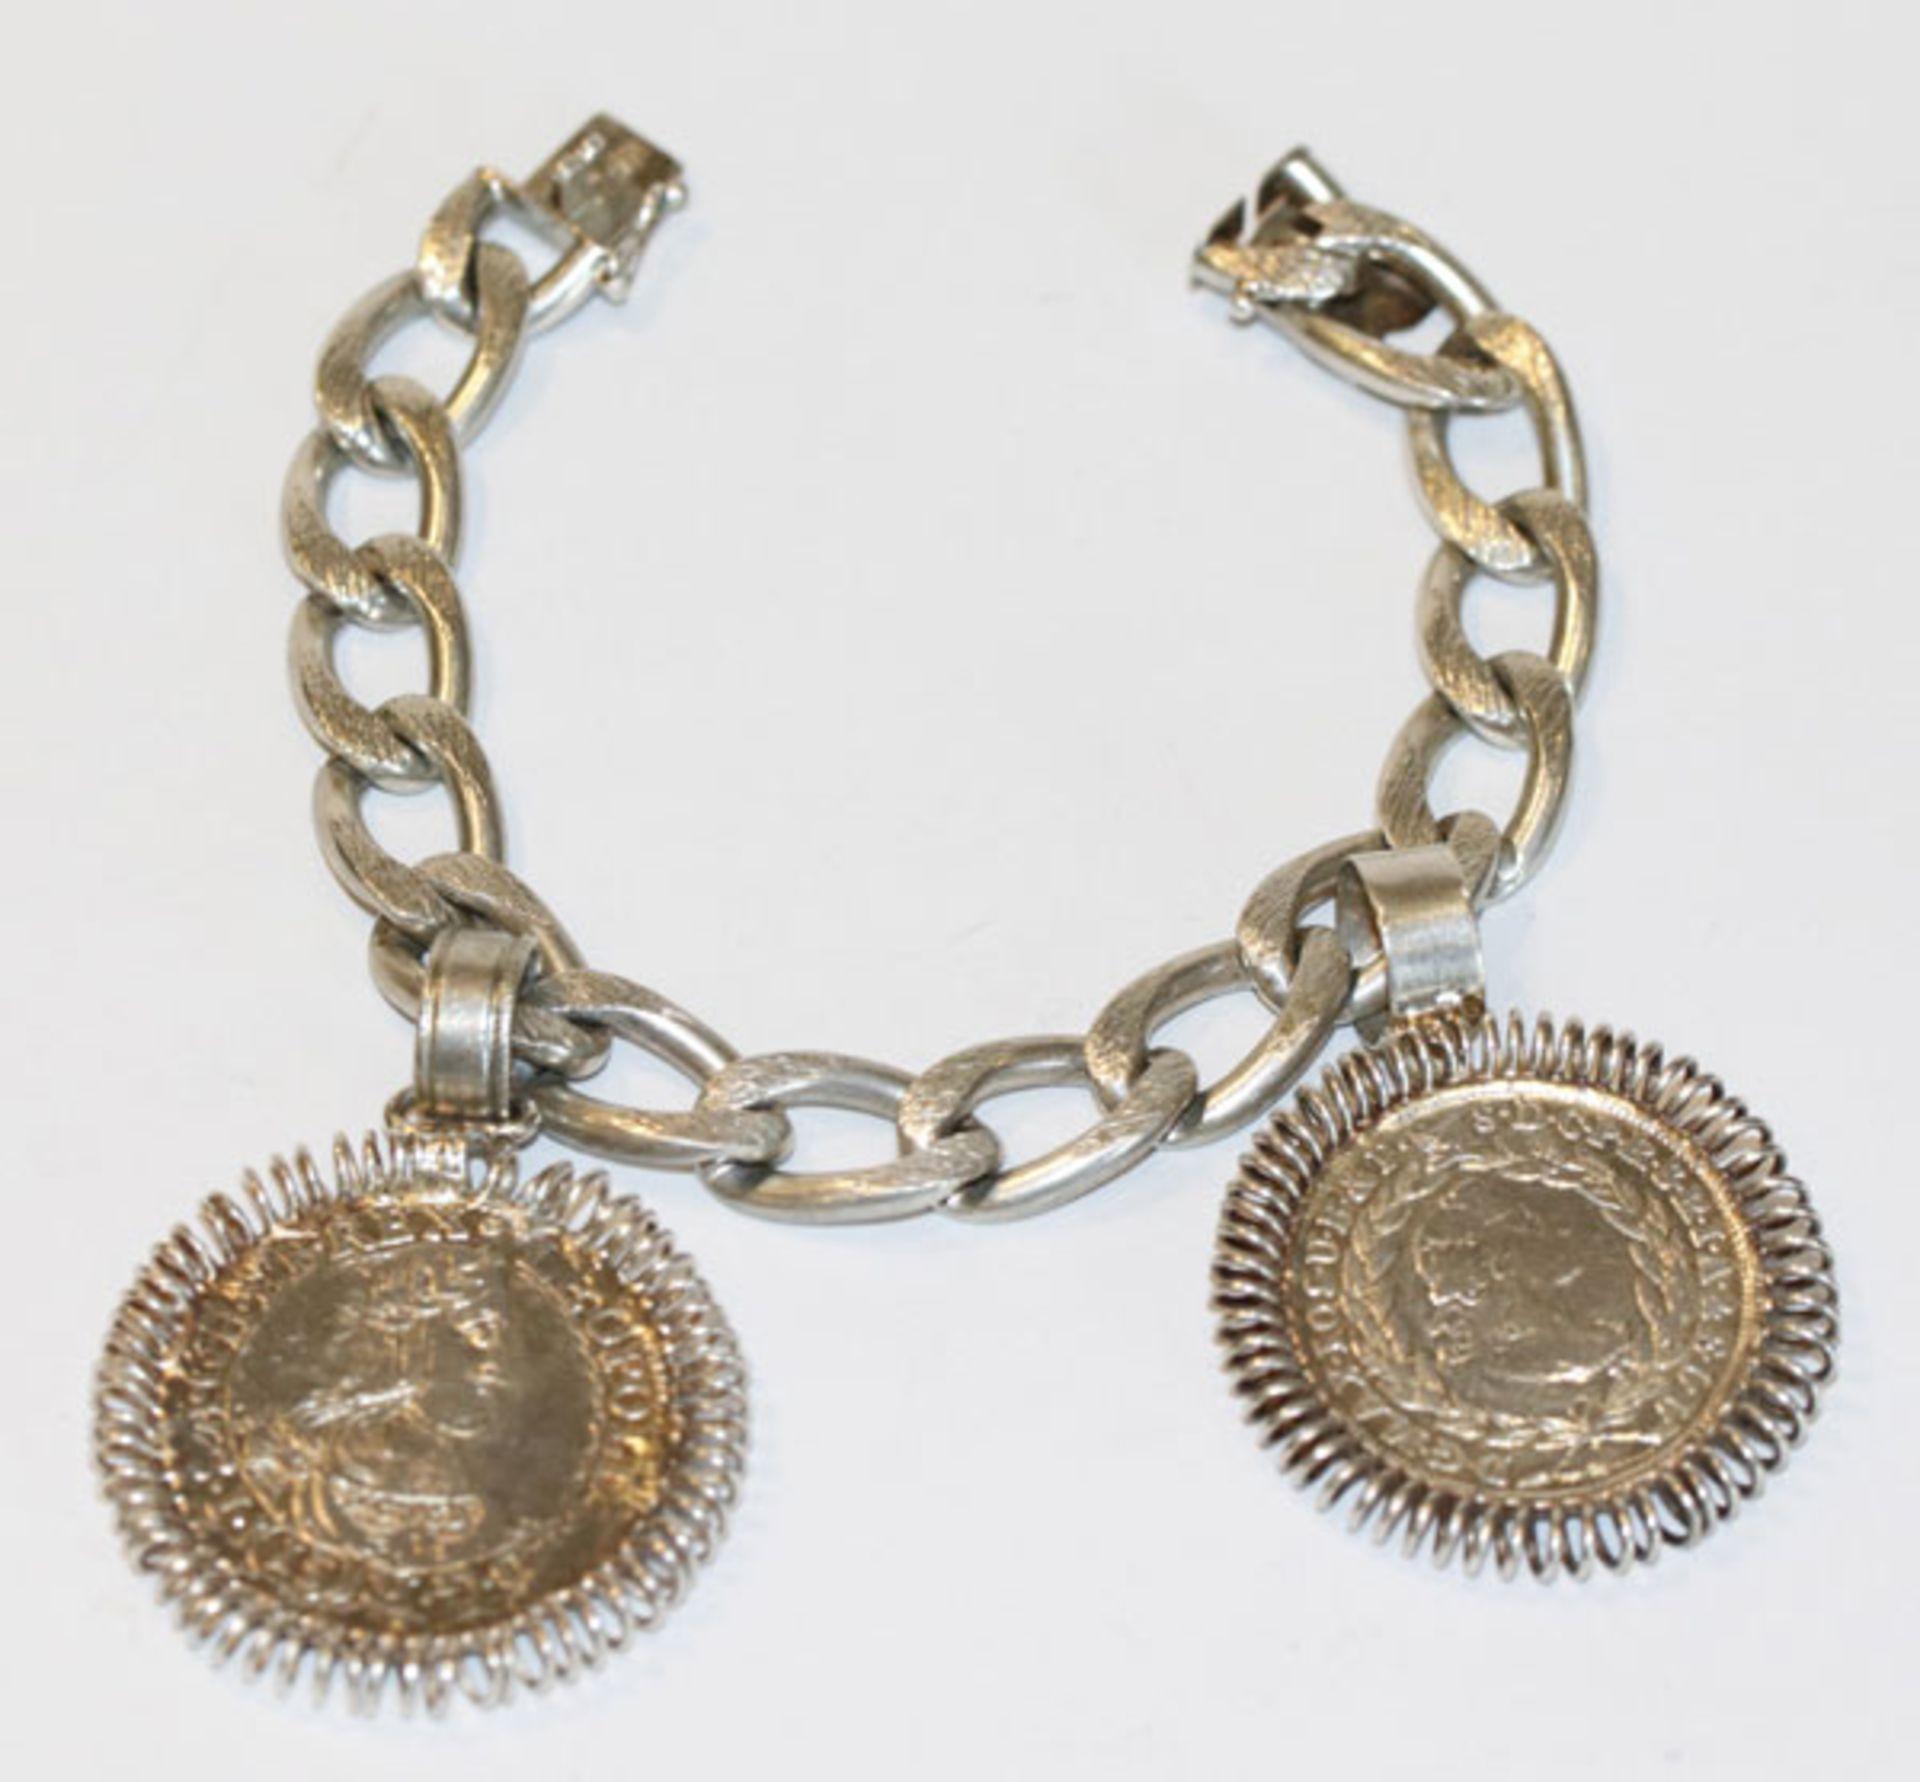 Silber Gliederarmband, teils graviert mit 2 Münzanhänger, datiert 1765 und 1664, L 19 cm, 61 gr.